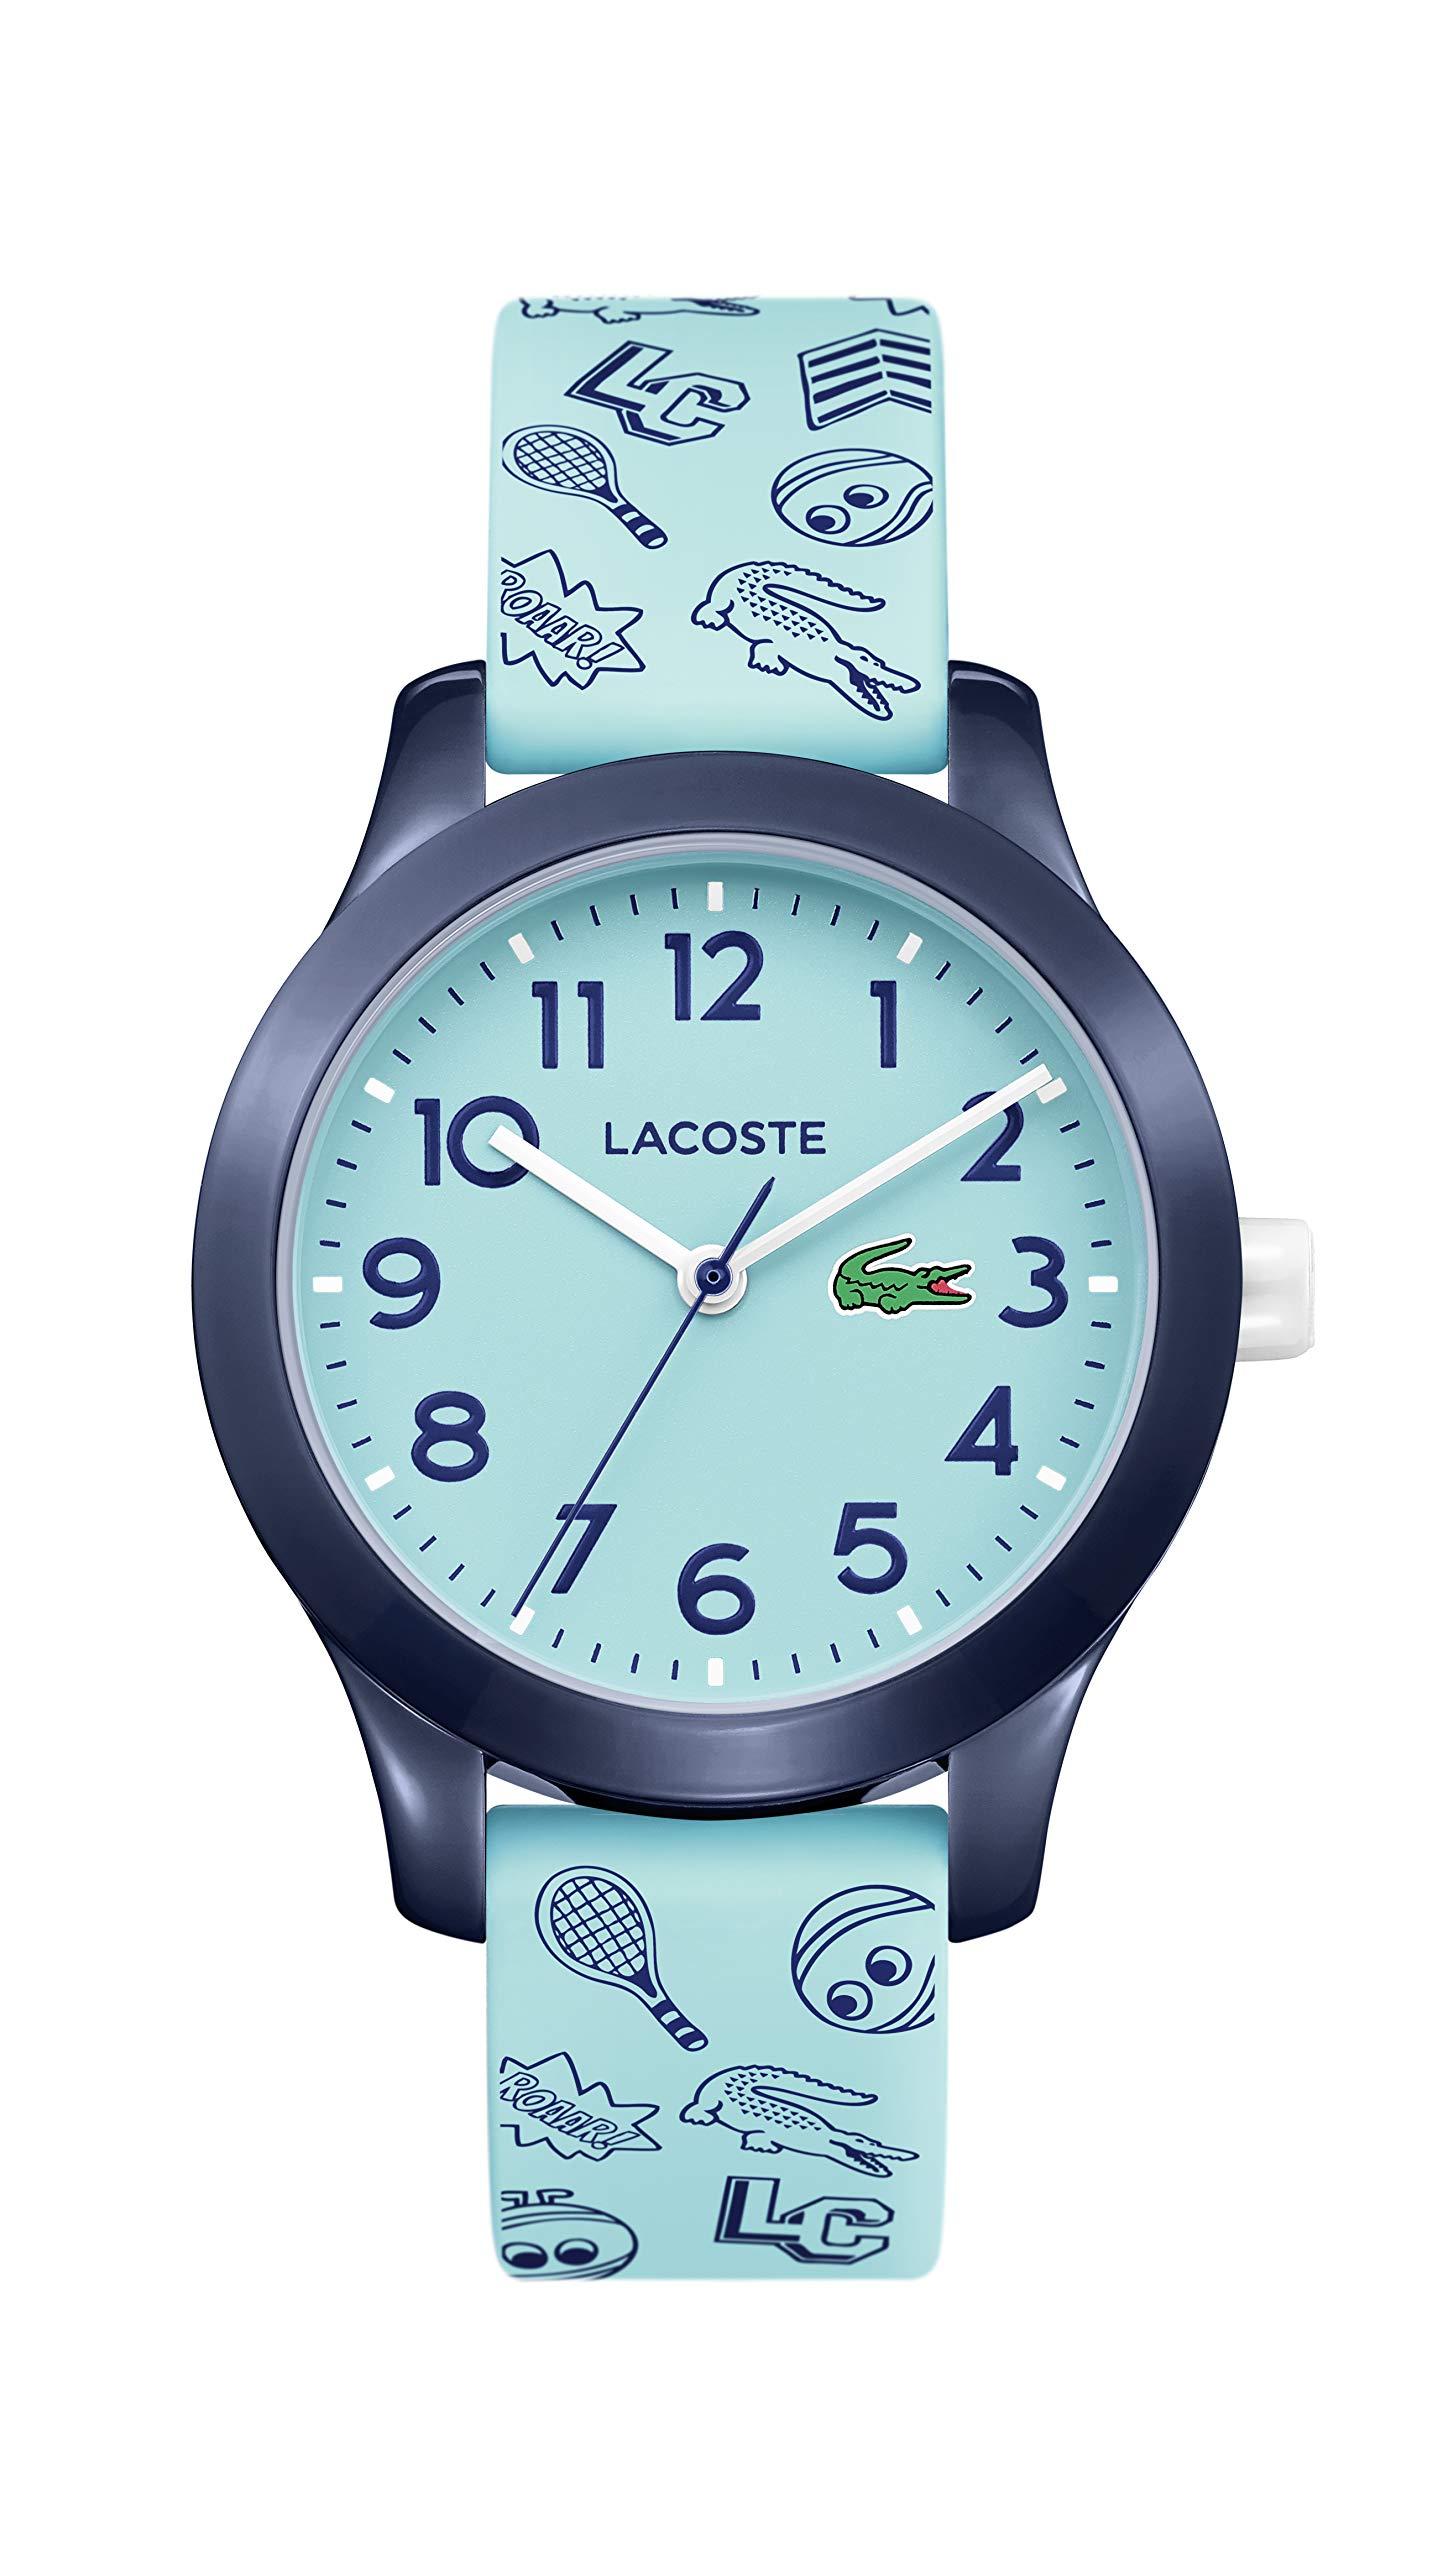 CDM product Lacoste Kids' TR90 Quartz Watch with Rubber Strap, Blue, 14 (Model: 2030013) big image